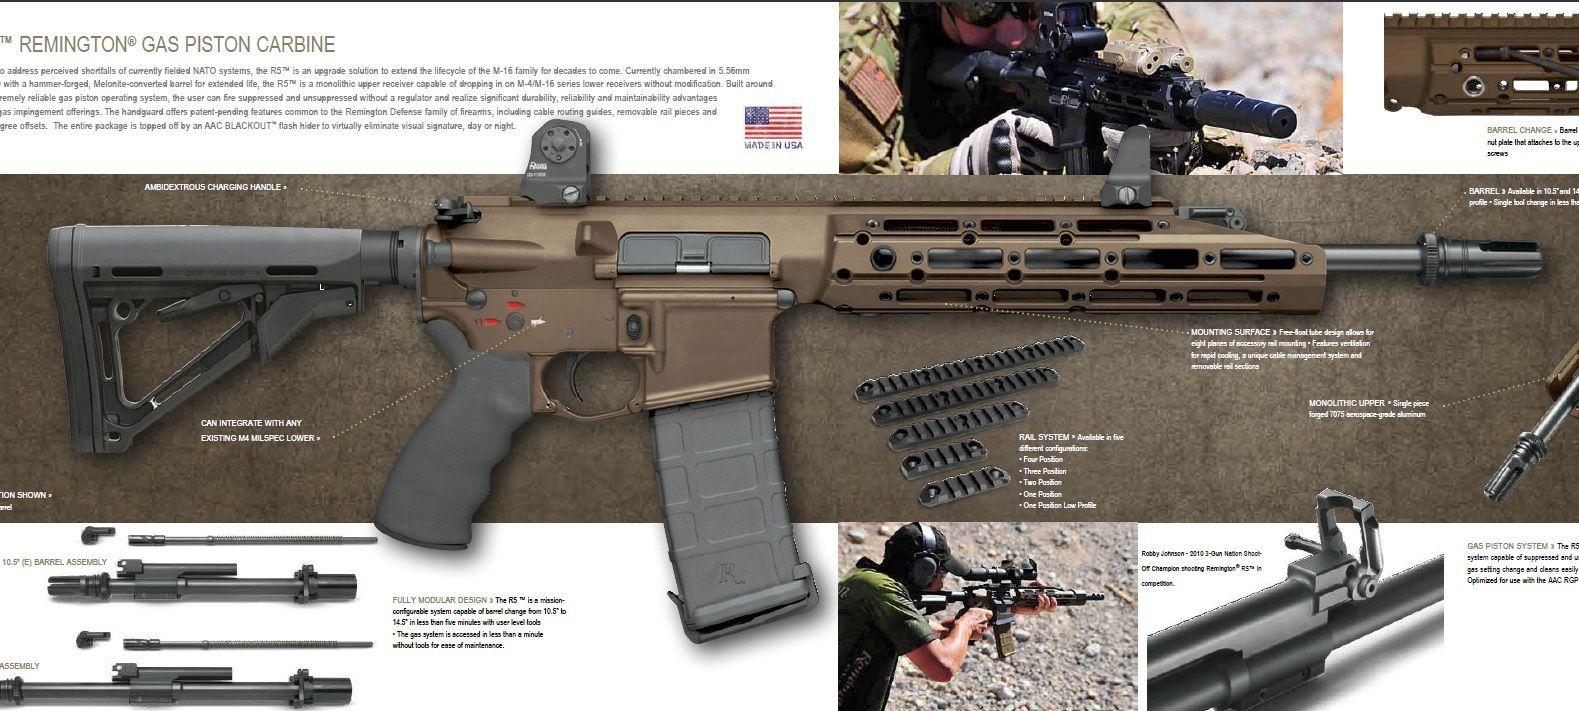 remington r5 - Google Search | GUNS | Beretta 92, Guns ...  remington r5 - ...